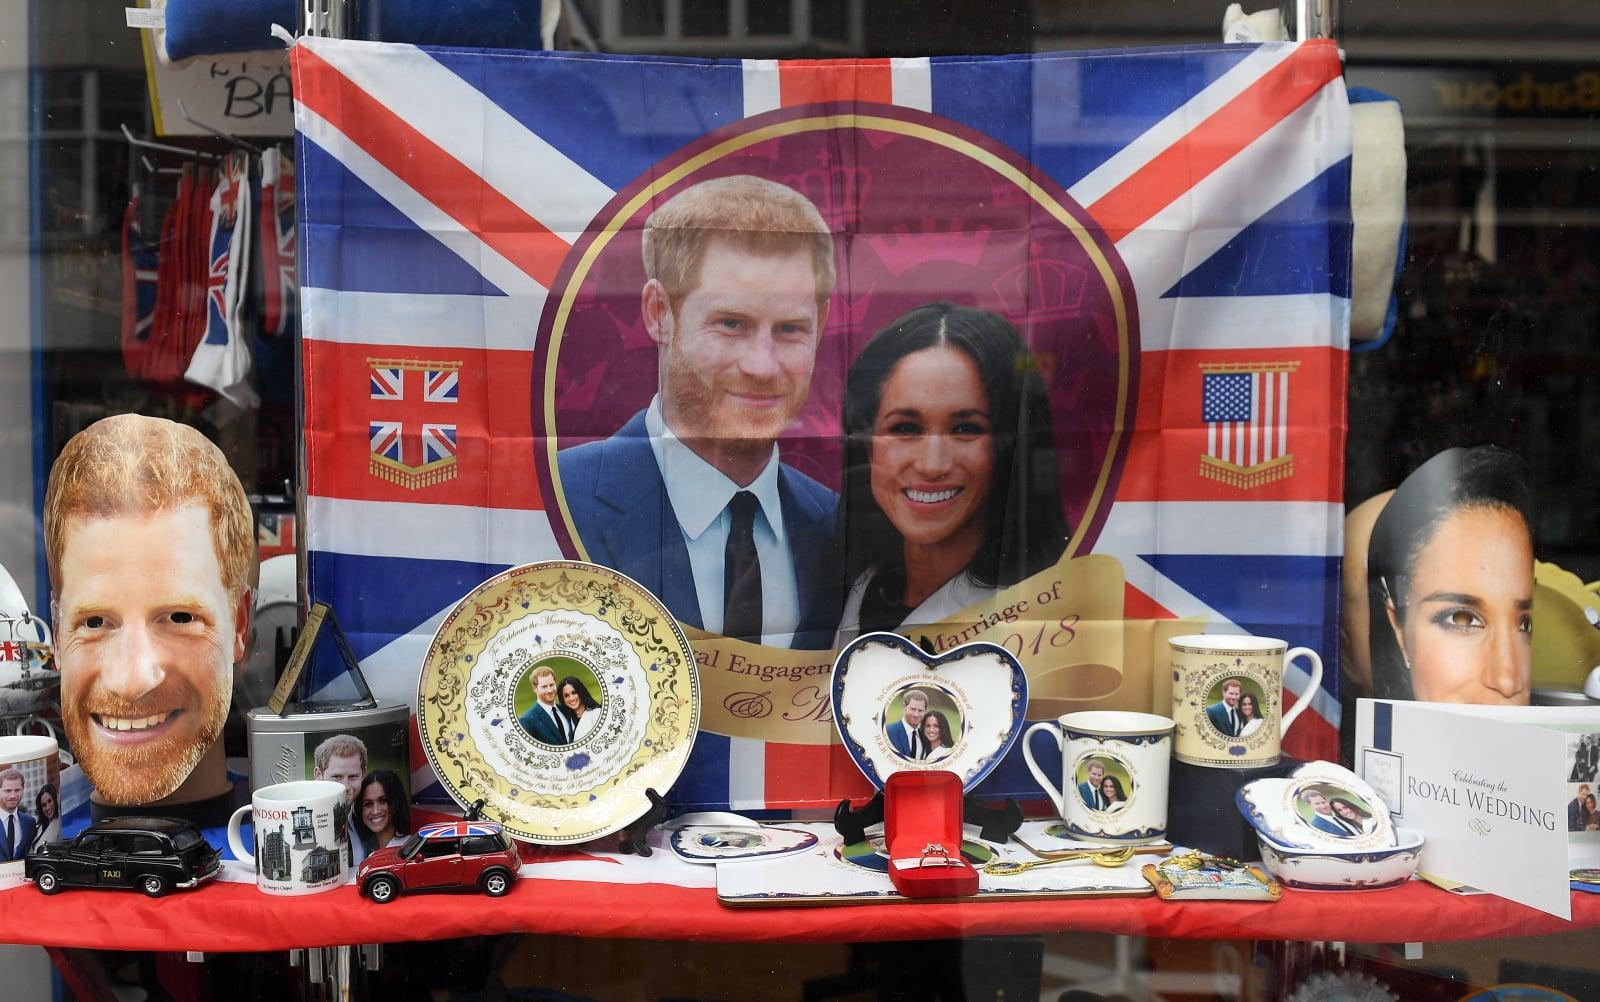 Przygotowania do królewskiego ślubu księcia Harry'ego i Meghan Markle, który odbędzie się 19 maja, fot. EPA/ANDY RAIN